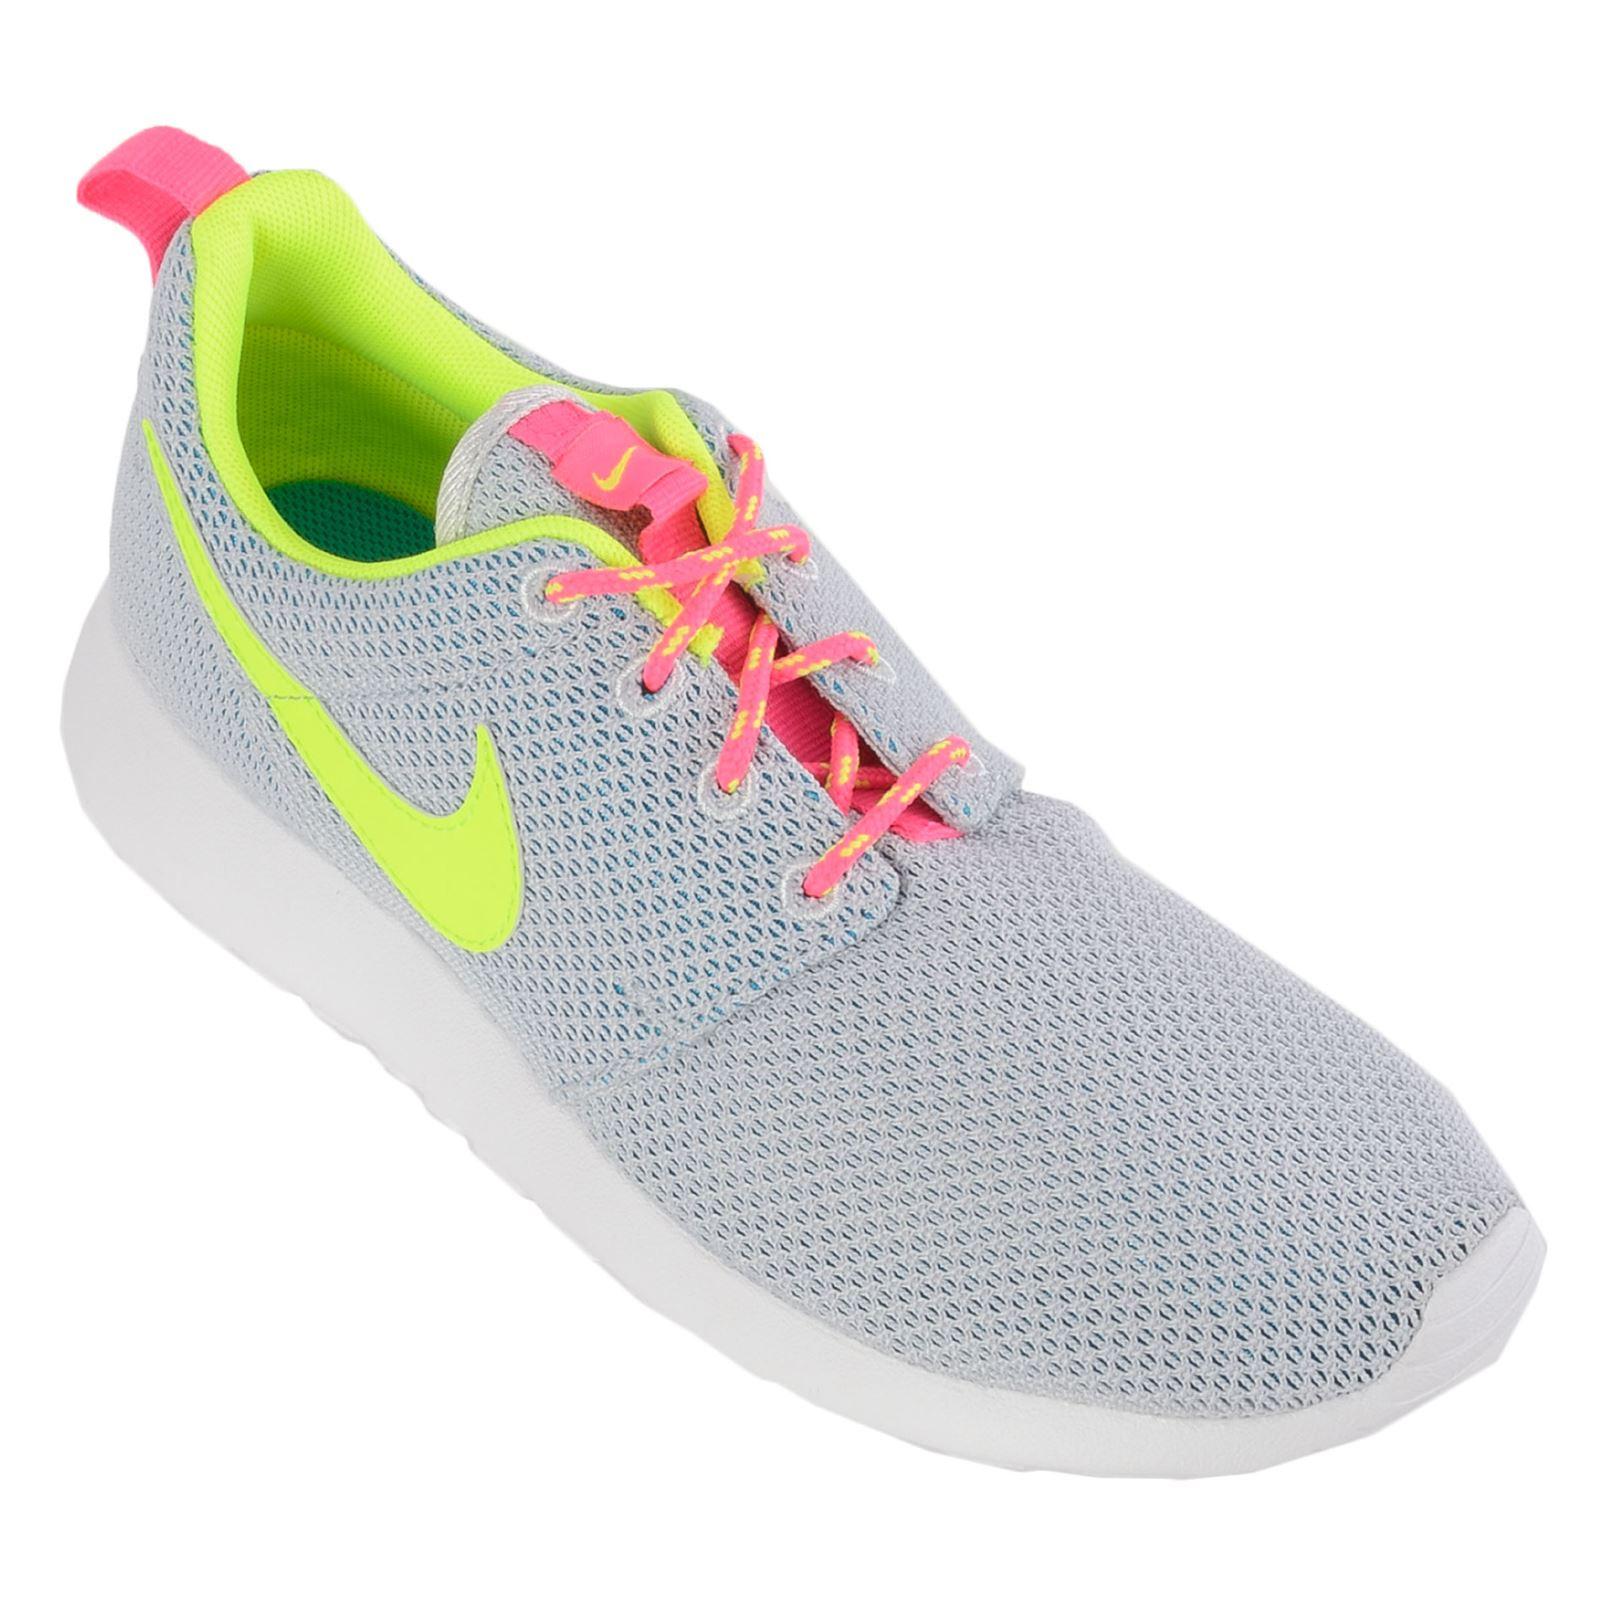 96b3d87212ef Children ROSHE RUNS Nike Free 5.0 White And Green